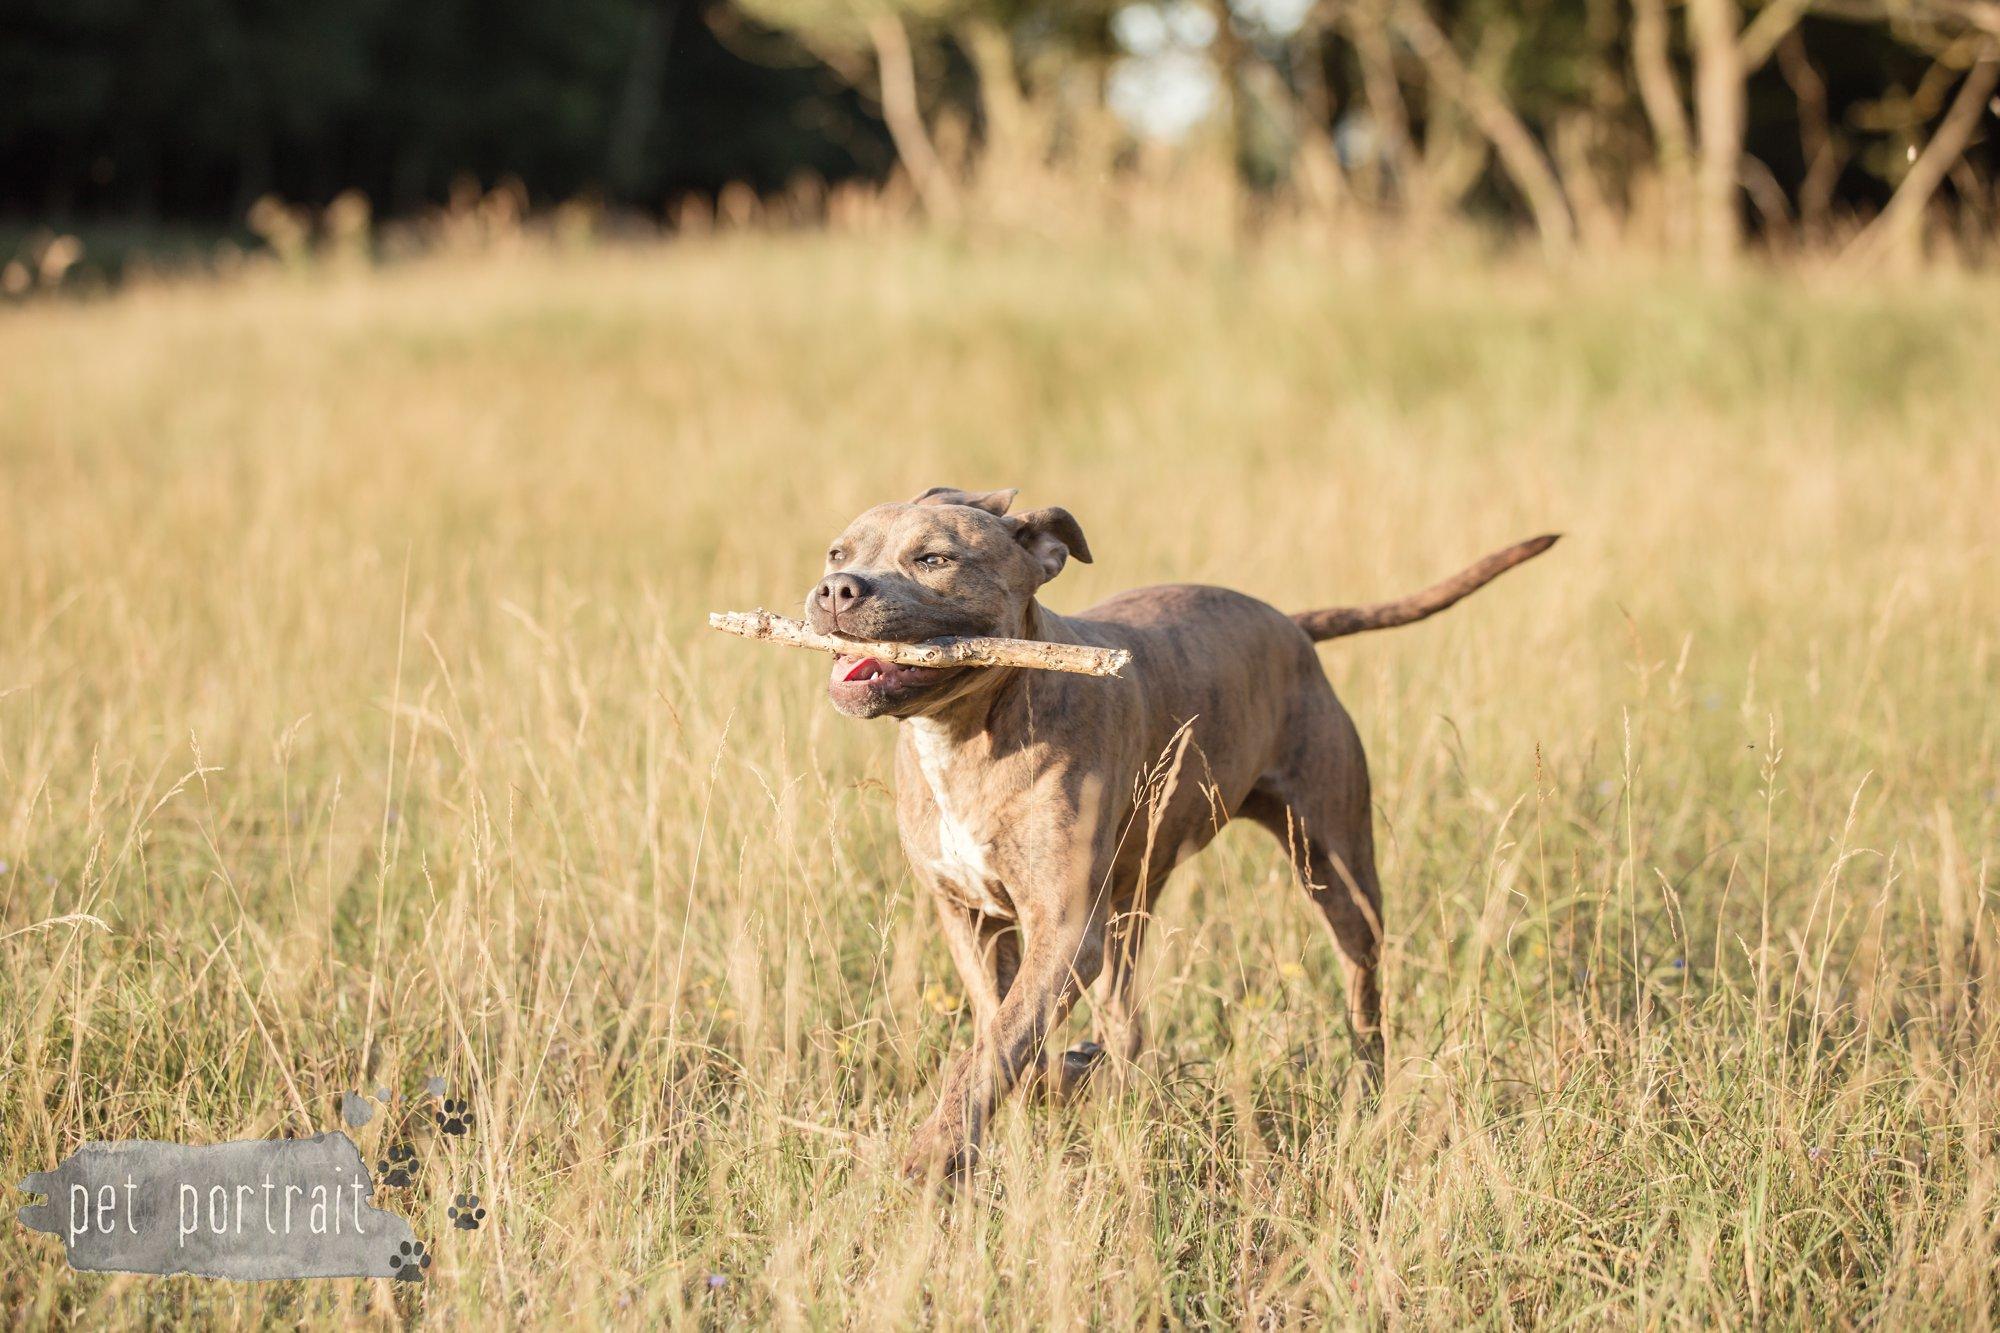 hondenfotograaf-noordwijkerhout-dier-en-baasje-fotoshoot-in-de-duinen-3